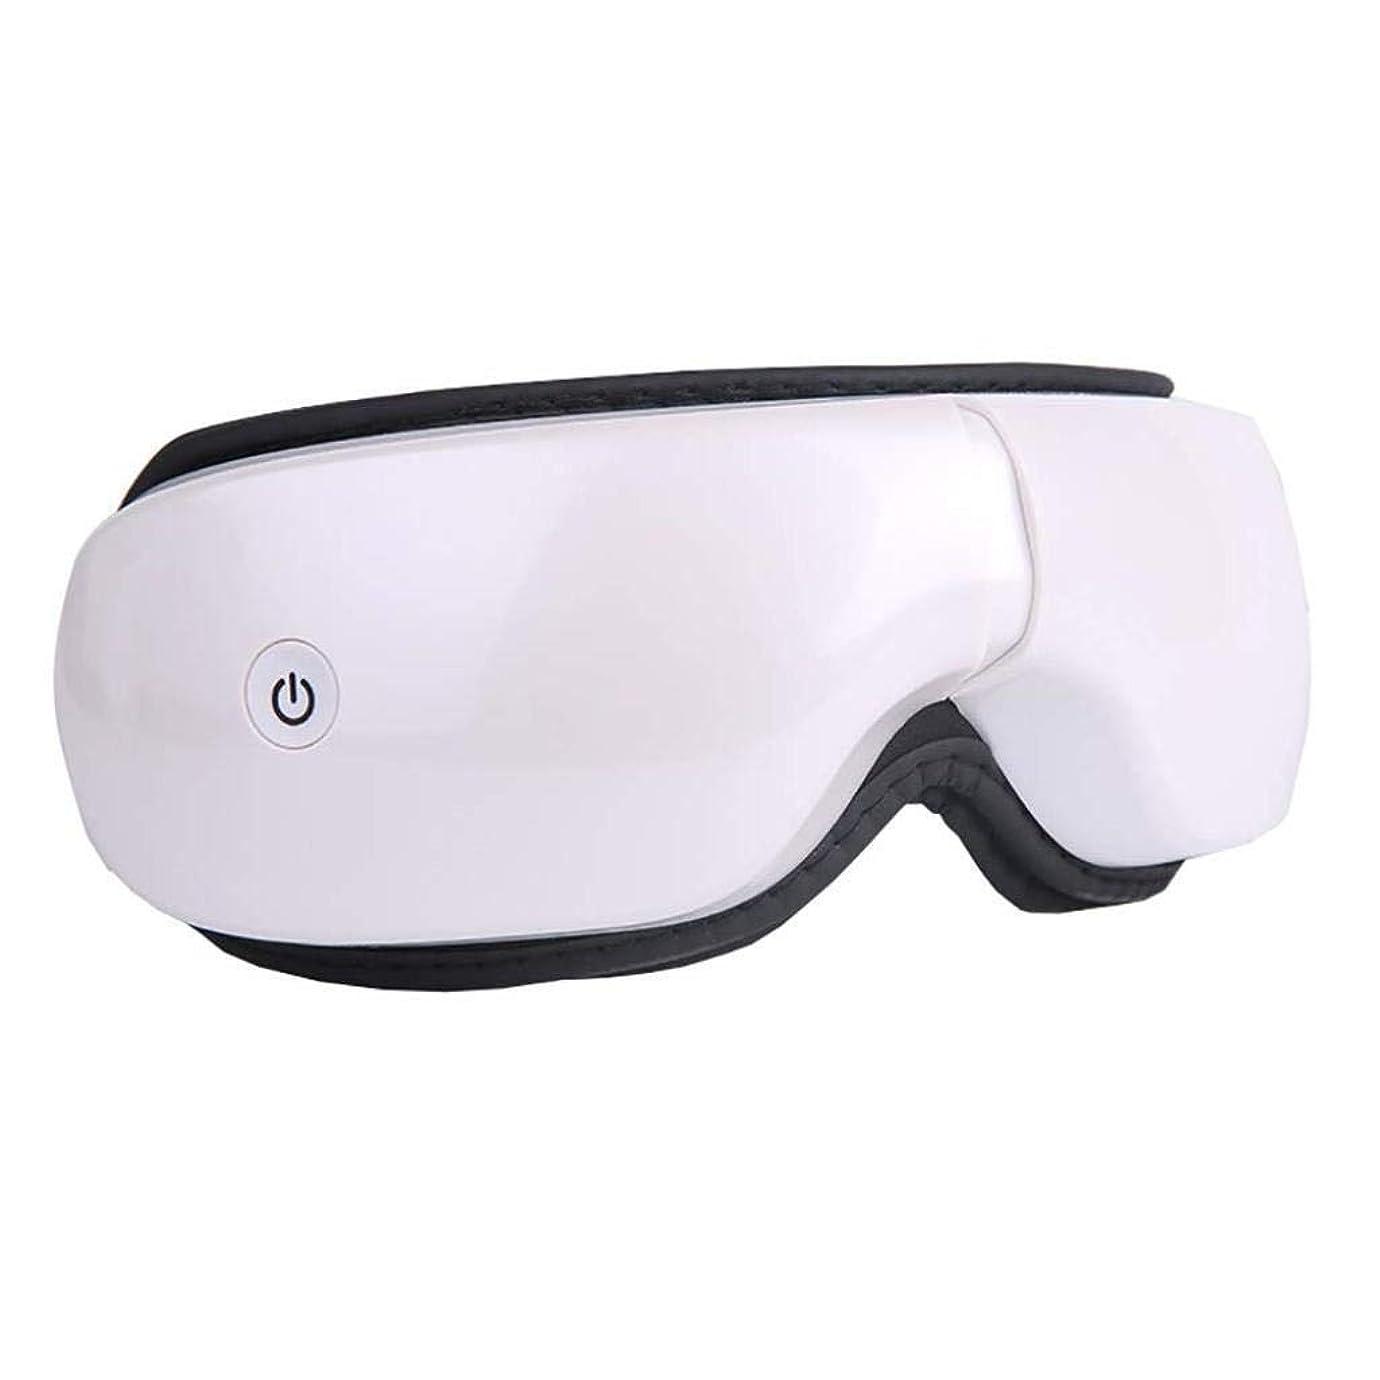 裸回答カードアイマッサージャー。アイプロテクターアイ振動は近視を緩和しますアイバッグアイマスク疲労マッサージャー学生、オフィスワーカーに適したアイケア (Color : 白)